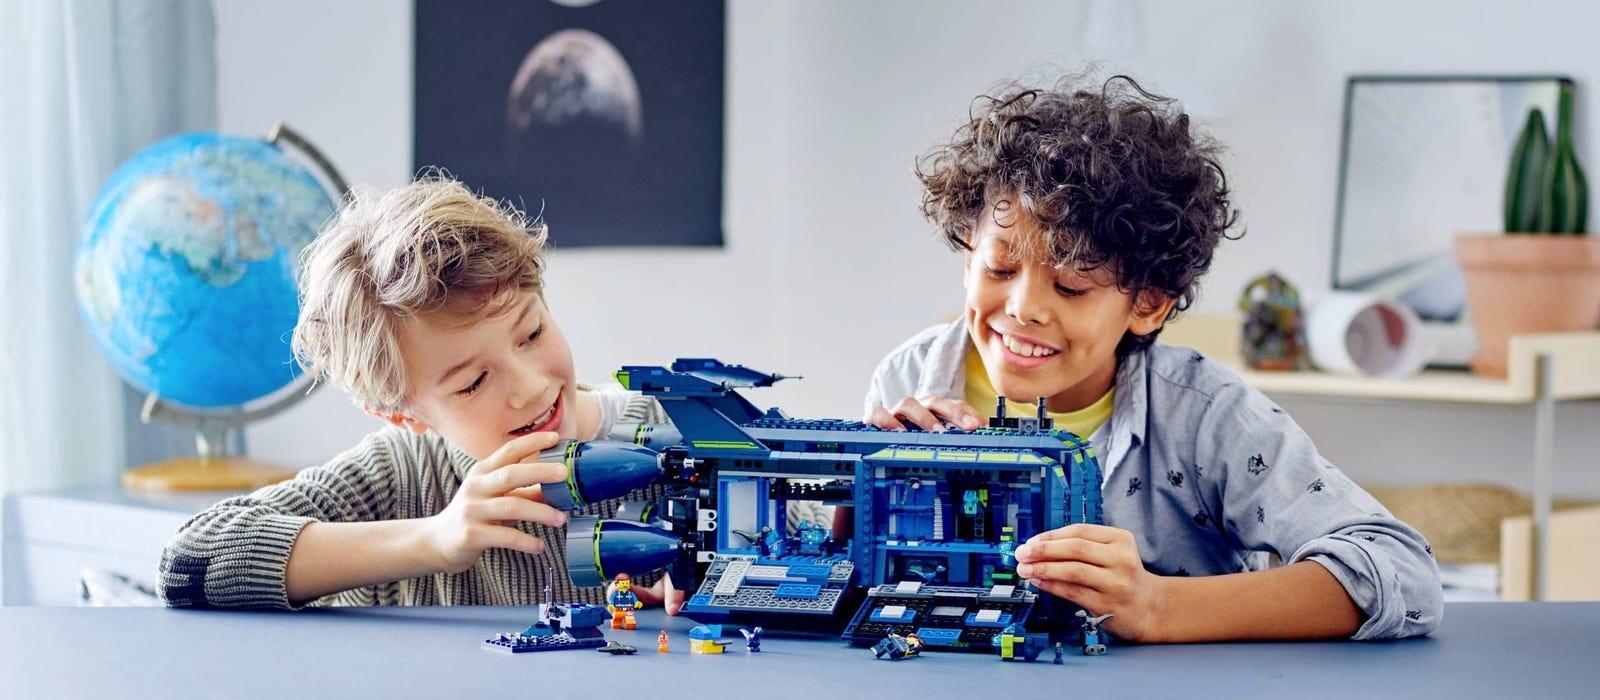 LEGO filmen 2 Livsstilsbilder